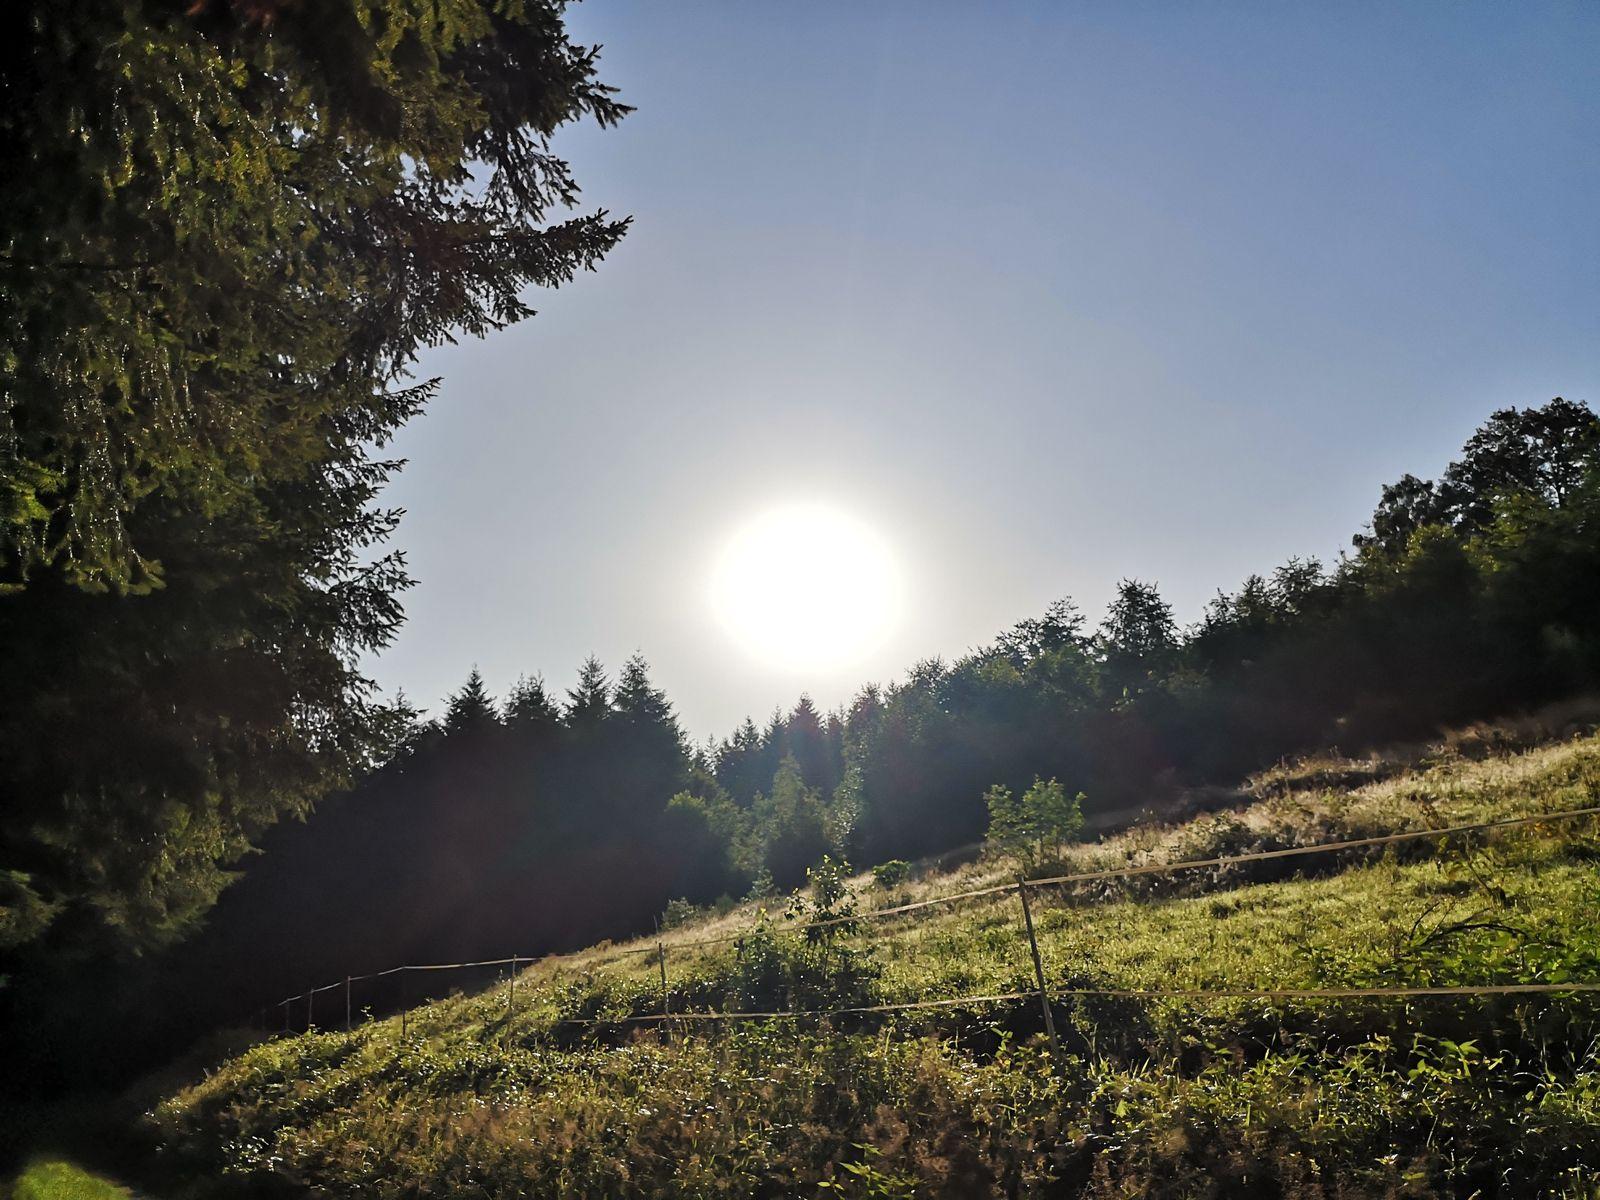 Quel bonheur, ce soleil radieux!!!